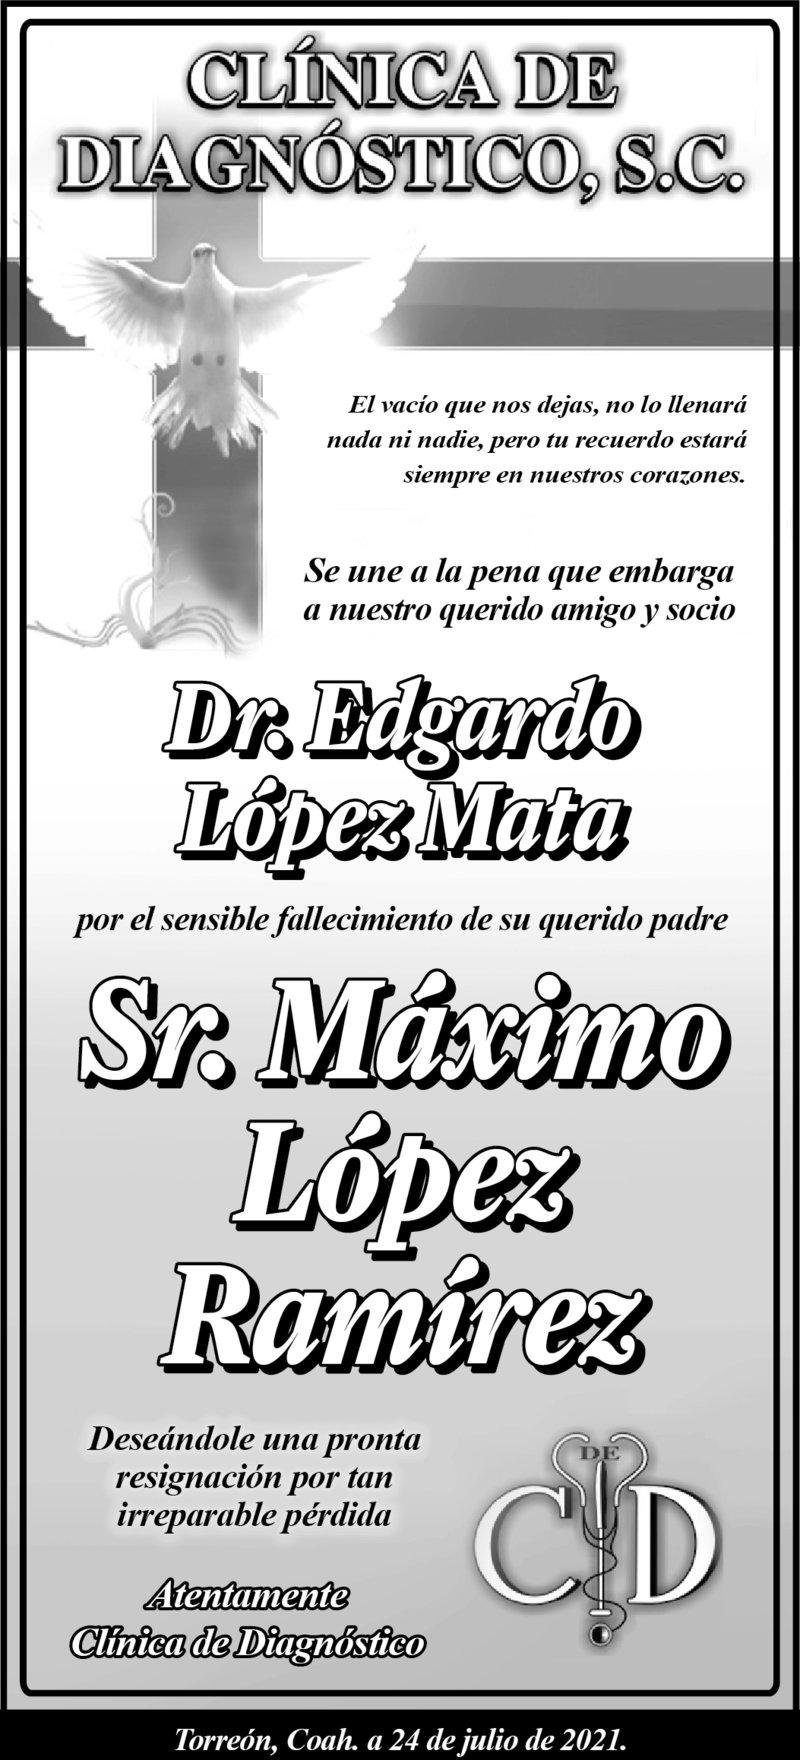 CONDOLENCIA: SR. MÁXIMO LÓPEZ RAMÍREZ. Clínica de diagnóstico se une a la pena que embarga al Dr. Edgardo López Mata por la pérdida de su padre, el Sr. Máximo López Ramírez. Eterno descanso de su alma.